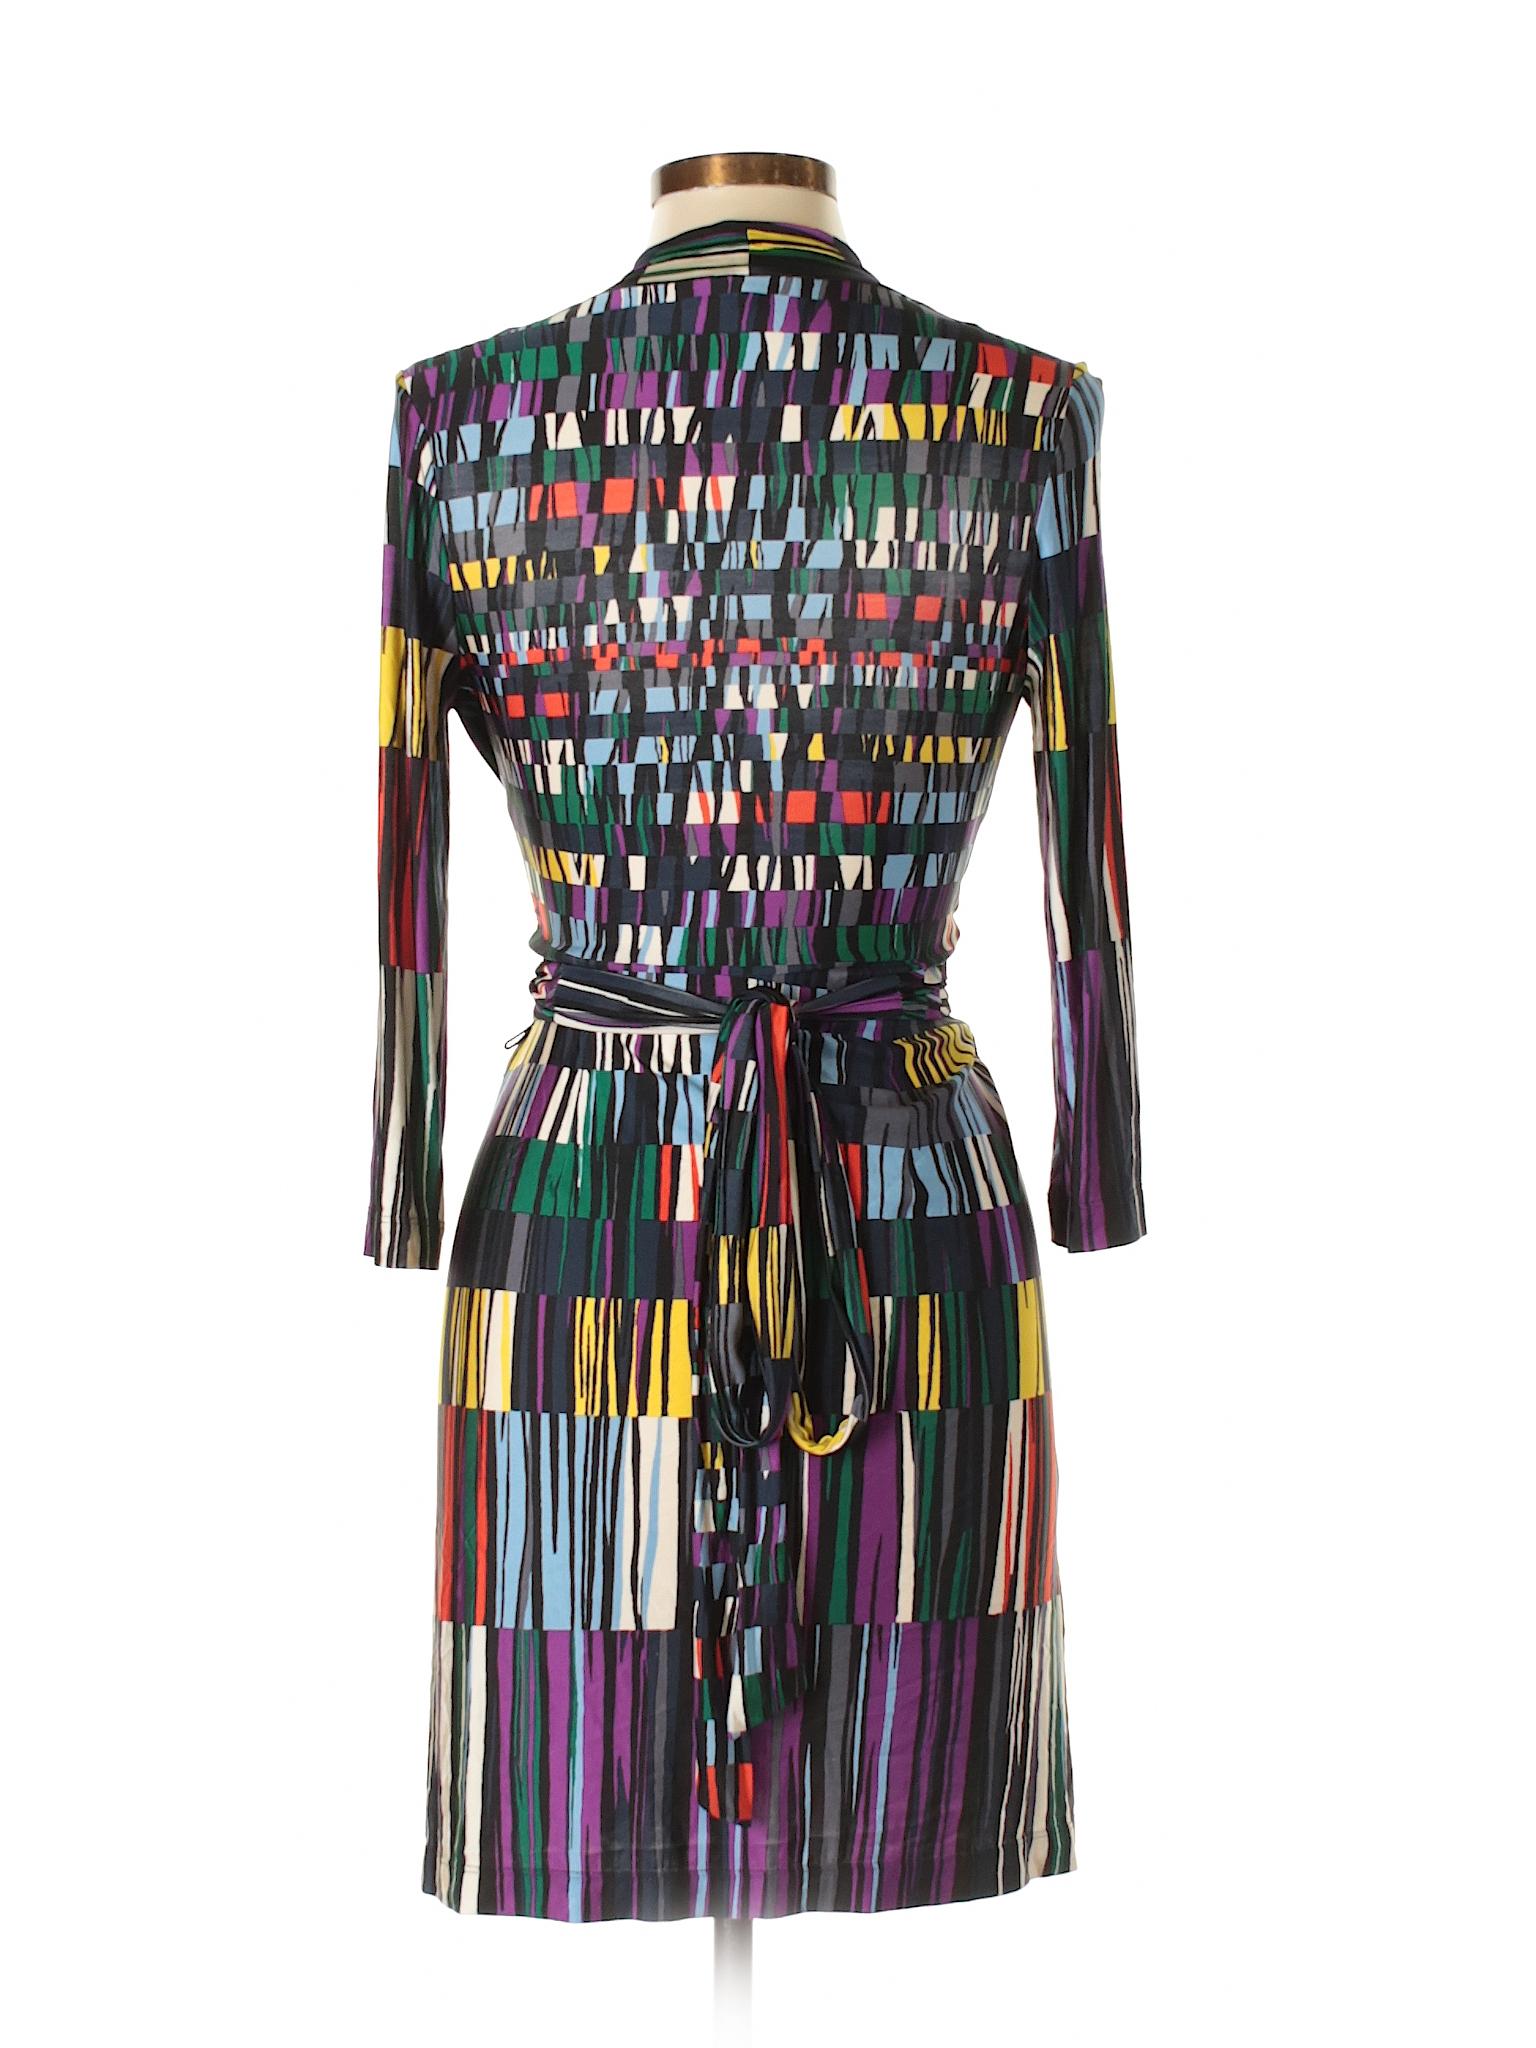 Boutique Dress BCBGMAXAZRIA BCBGMAXAZRIA Boutique winter Casual Casual Dress winter xqBwnPnC